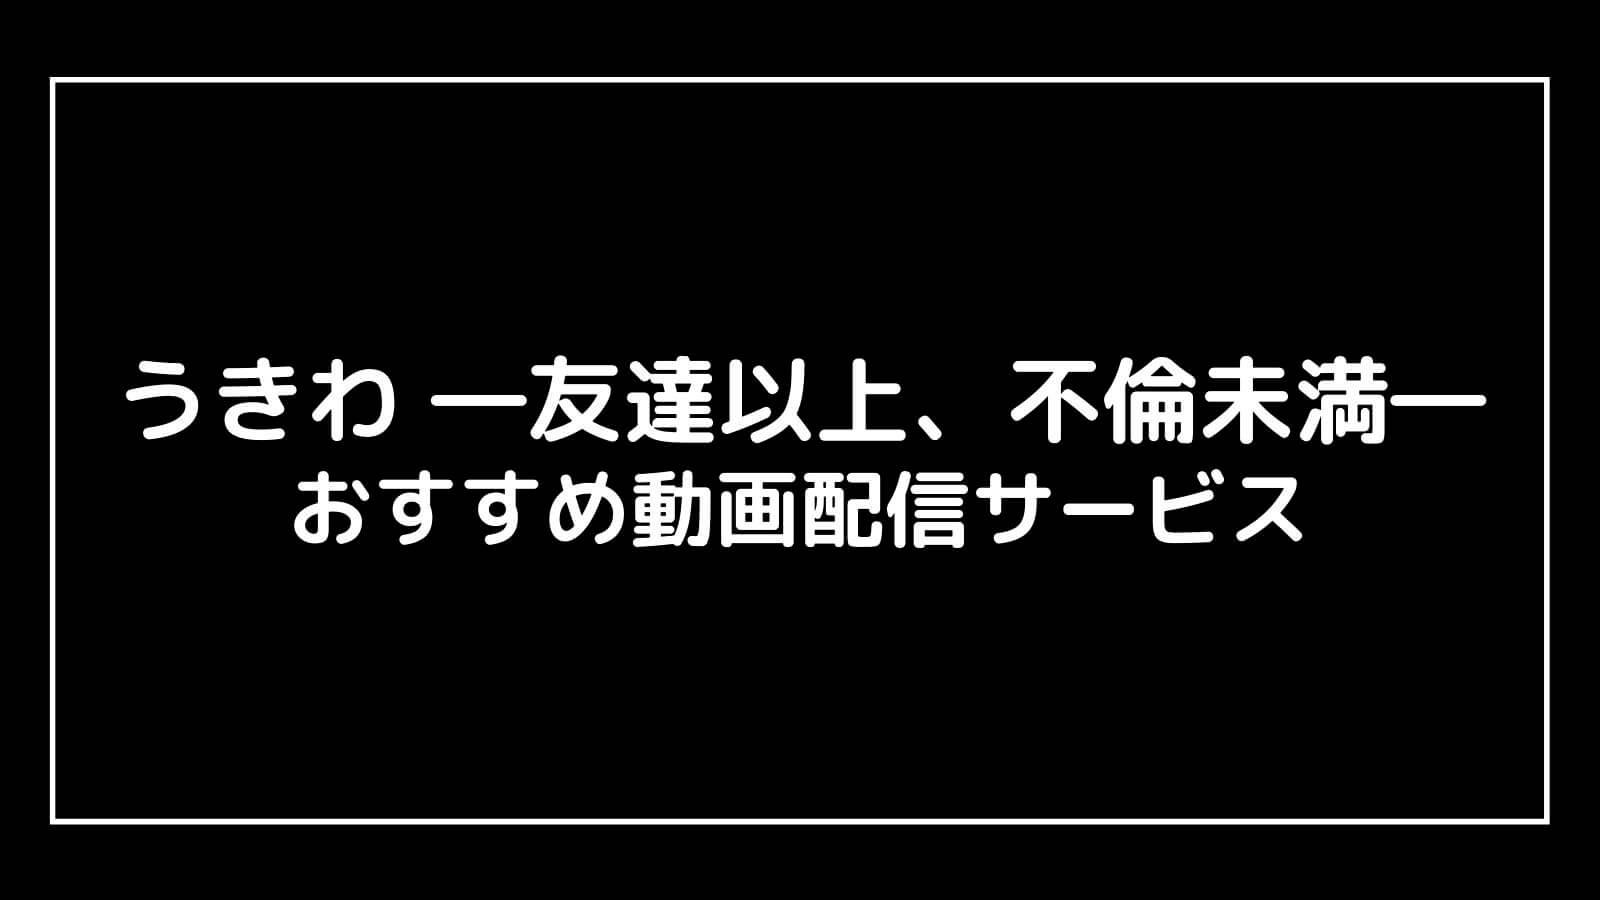 『うきわ ―友達以上、不倫未満―』見逃し無料配信を全話視聴できる動画サイト